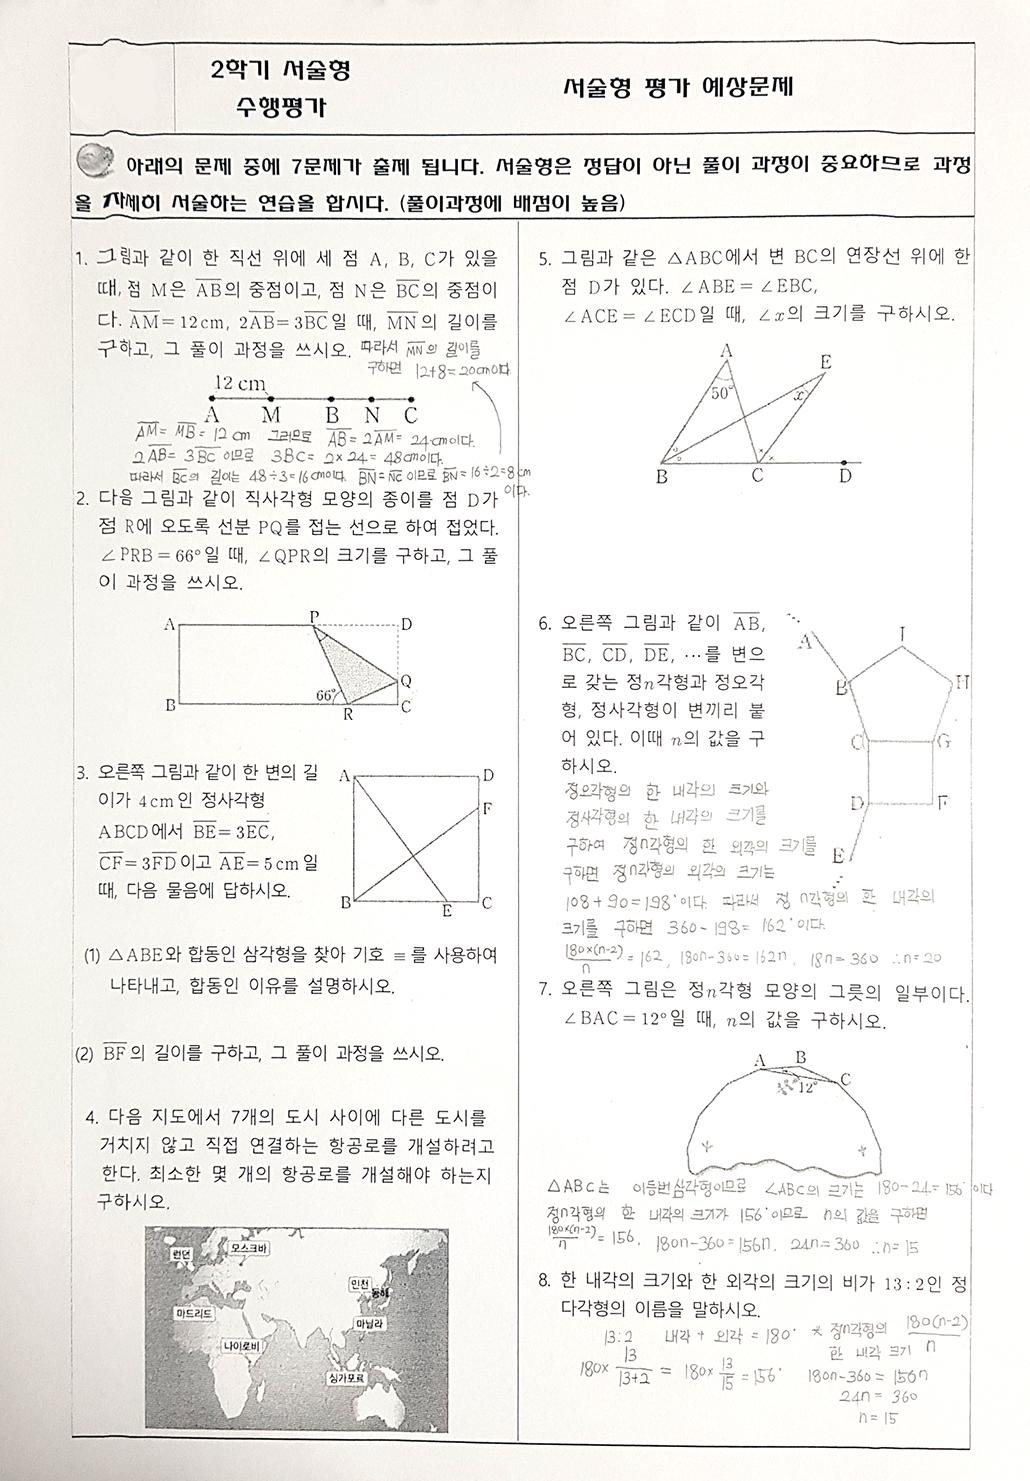 중 1-2 수학 수행평가 예상문제 시험지.jpg